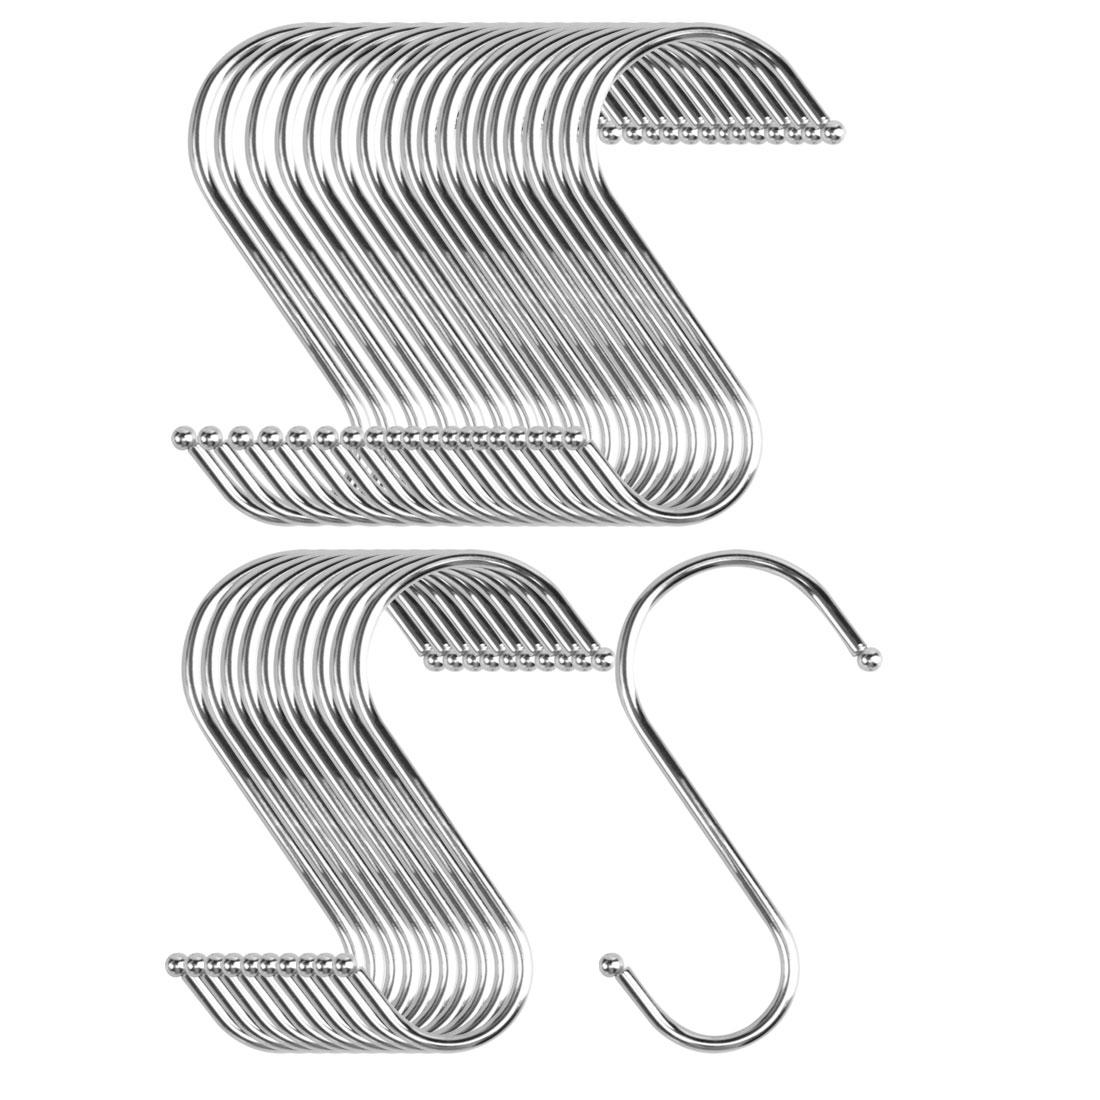 30pcs S Shaped Hook Stainless Steel for Kitchen Hat Utensil Pot Holder